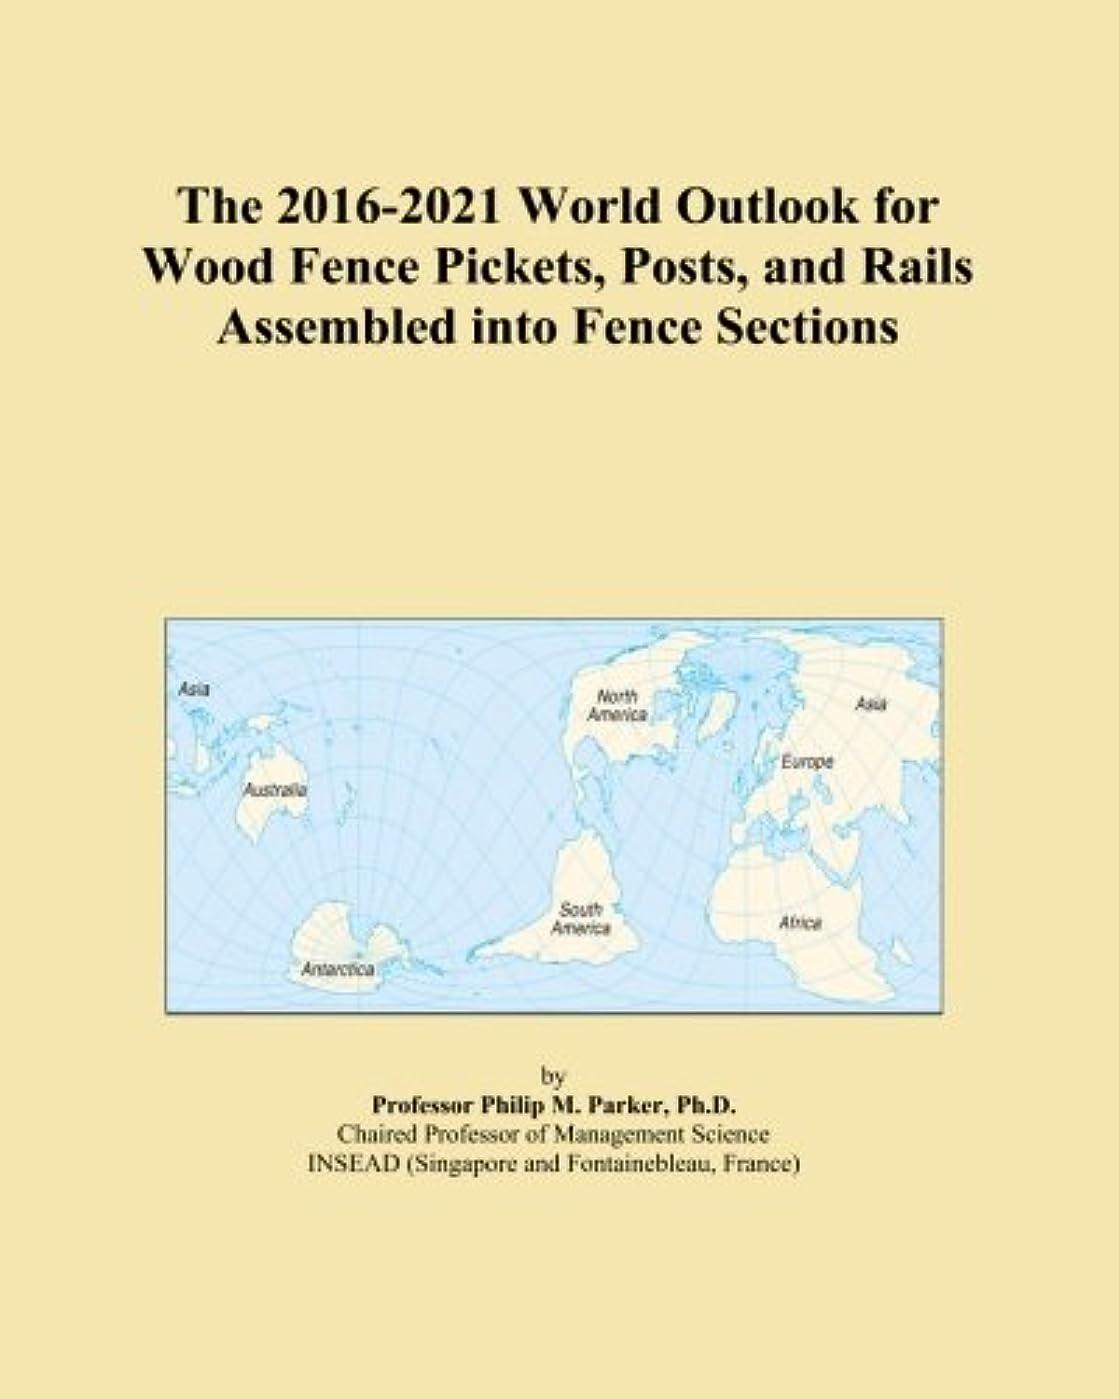 型ワークショップ保存するThe 2016-2021 World Outlook for Wood Fence Pickets, Posts, and Rails Assembled into Fence Sections